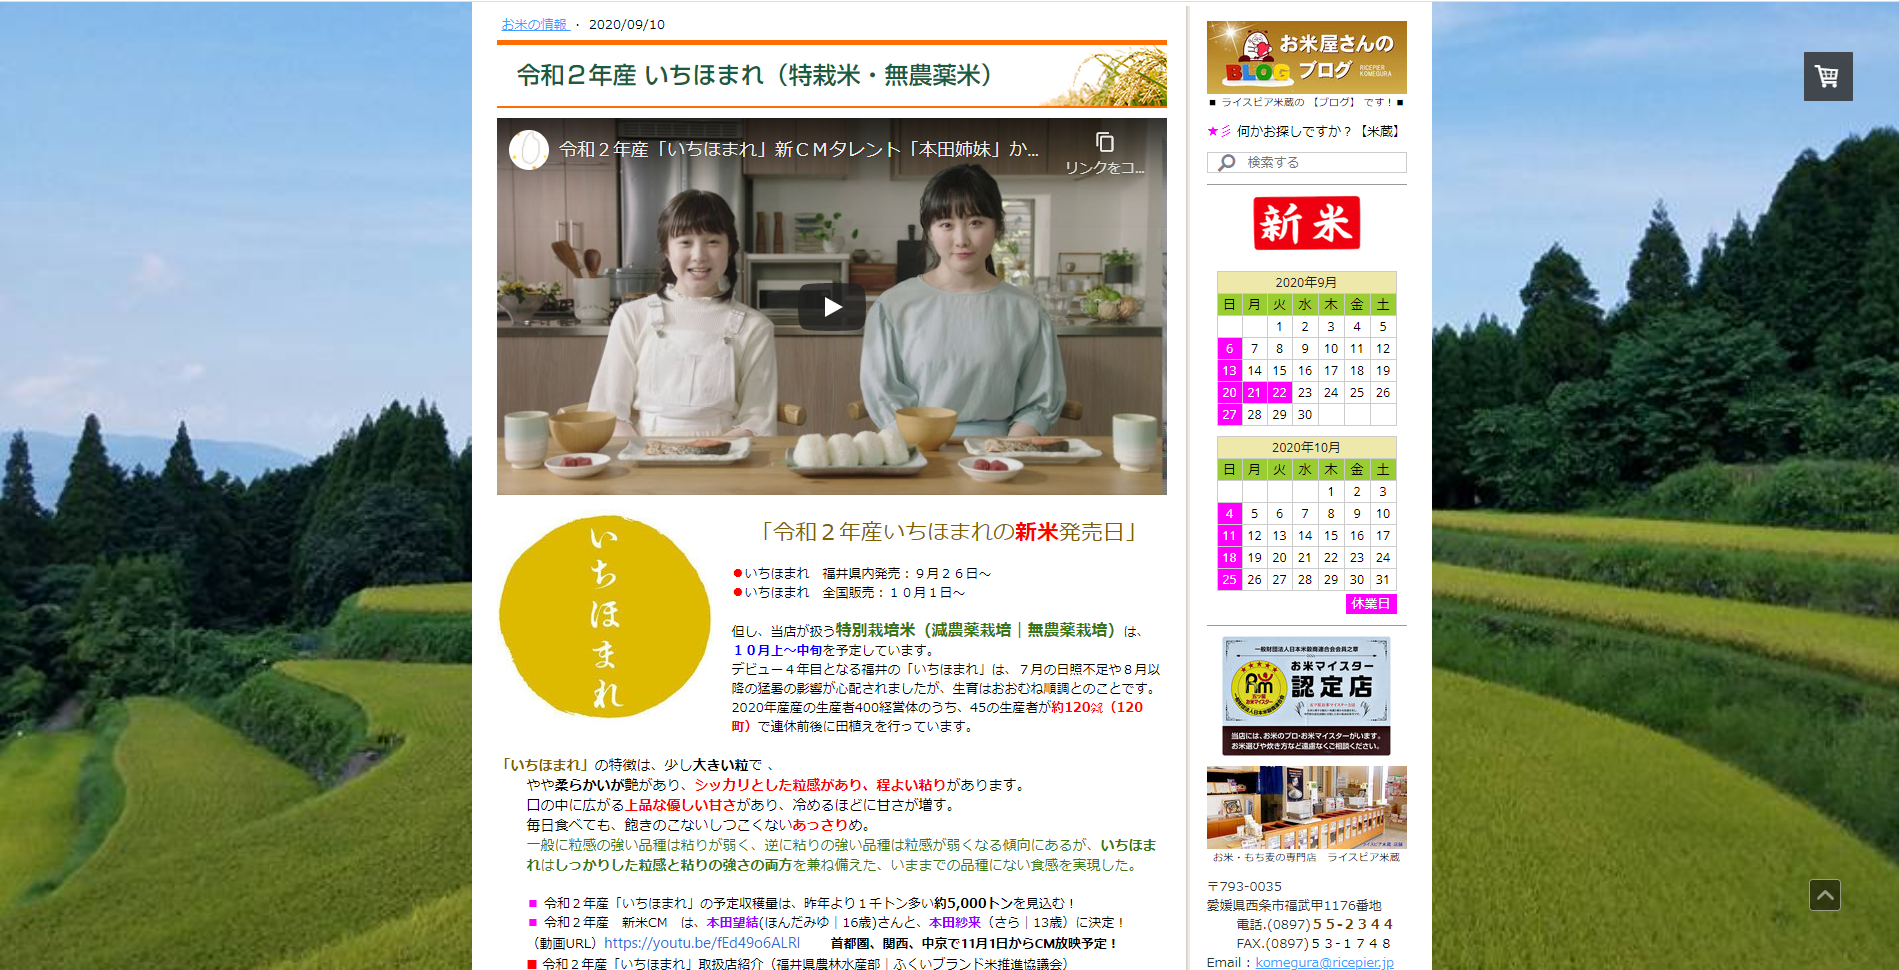 各お米の銘柄の特徴や炊き方などが紹介されています。動画コンテンツも充実しています。